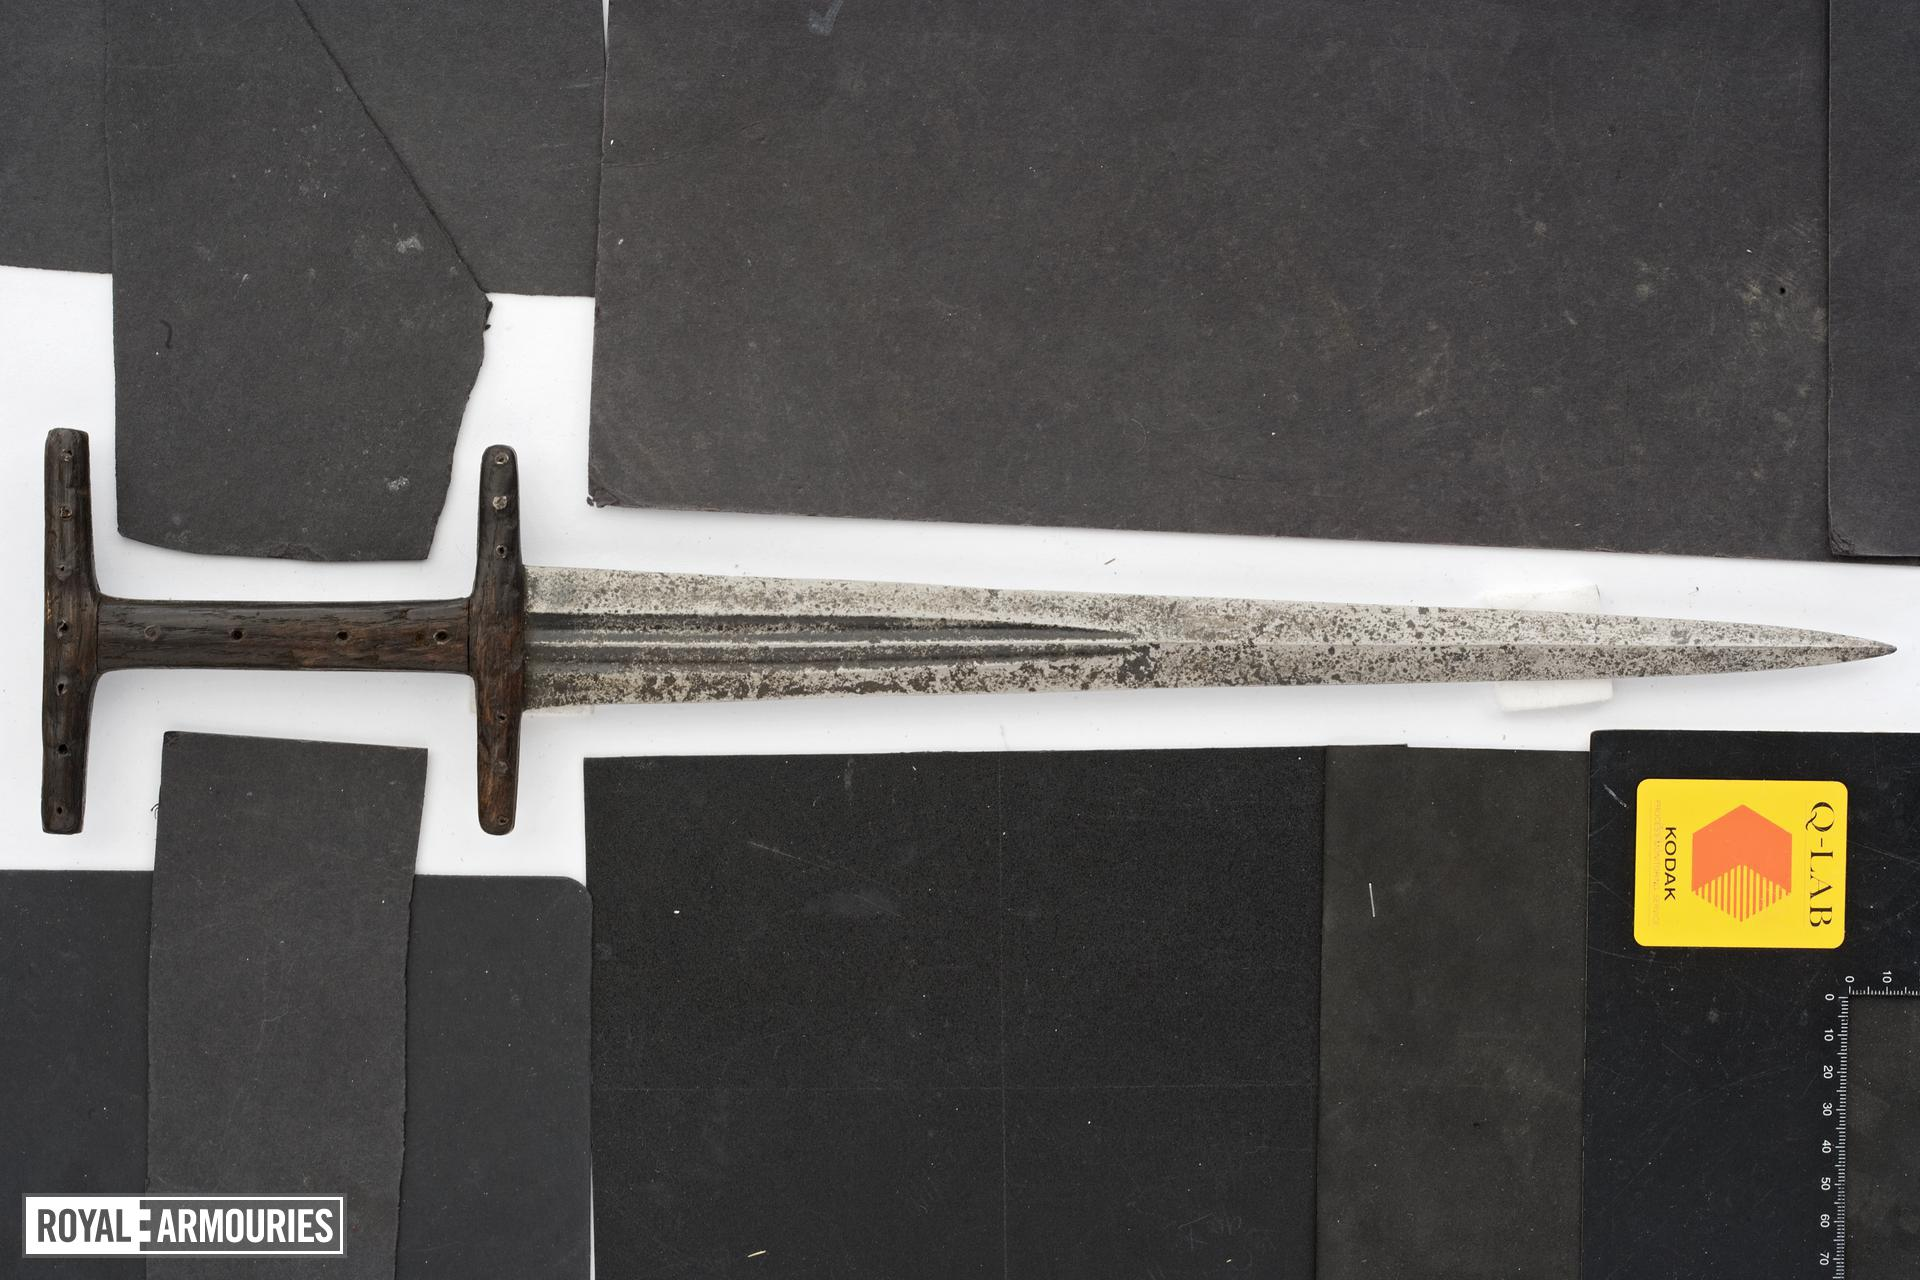 Dagger Baselard dagger